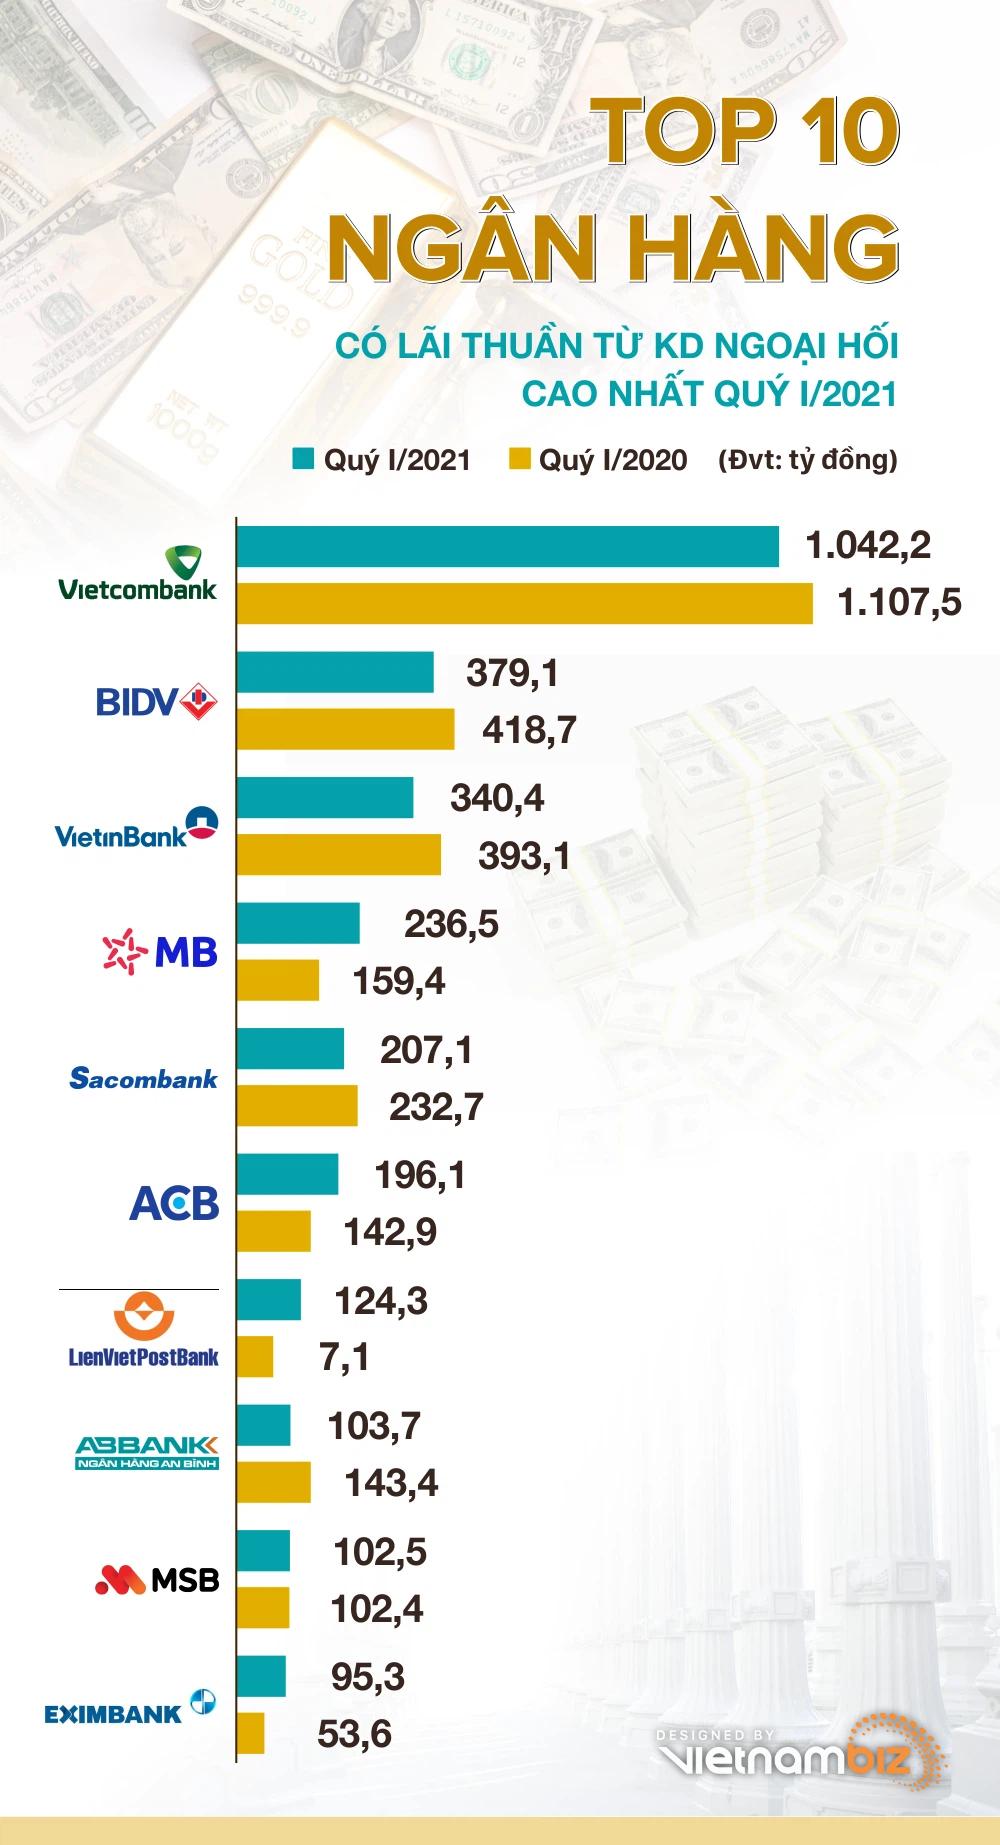 TOP 10 ngân hàng lãi nhiều nhất từ kinh doanh ngoại hối quý I/2021 - Ảnh 1.